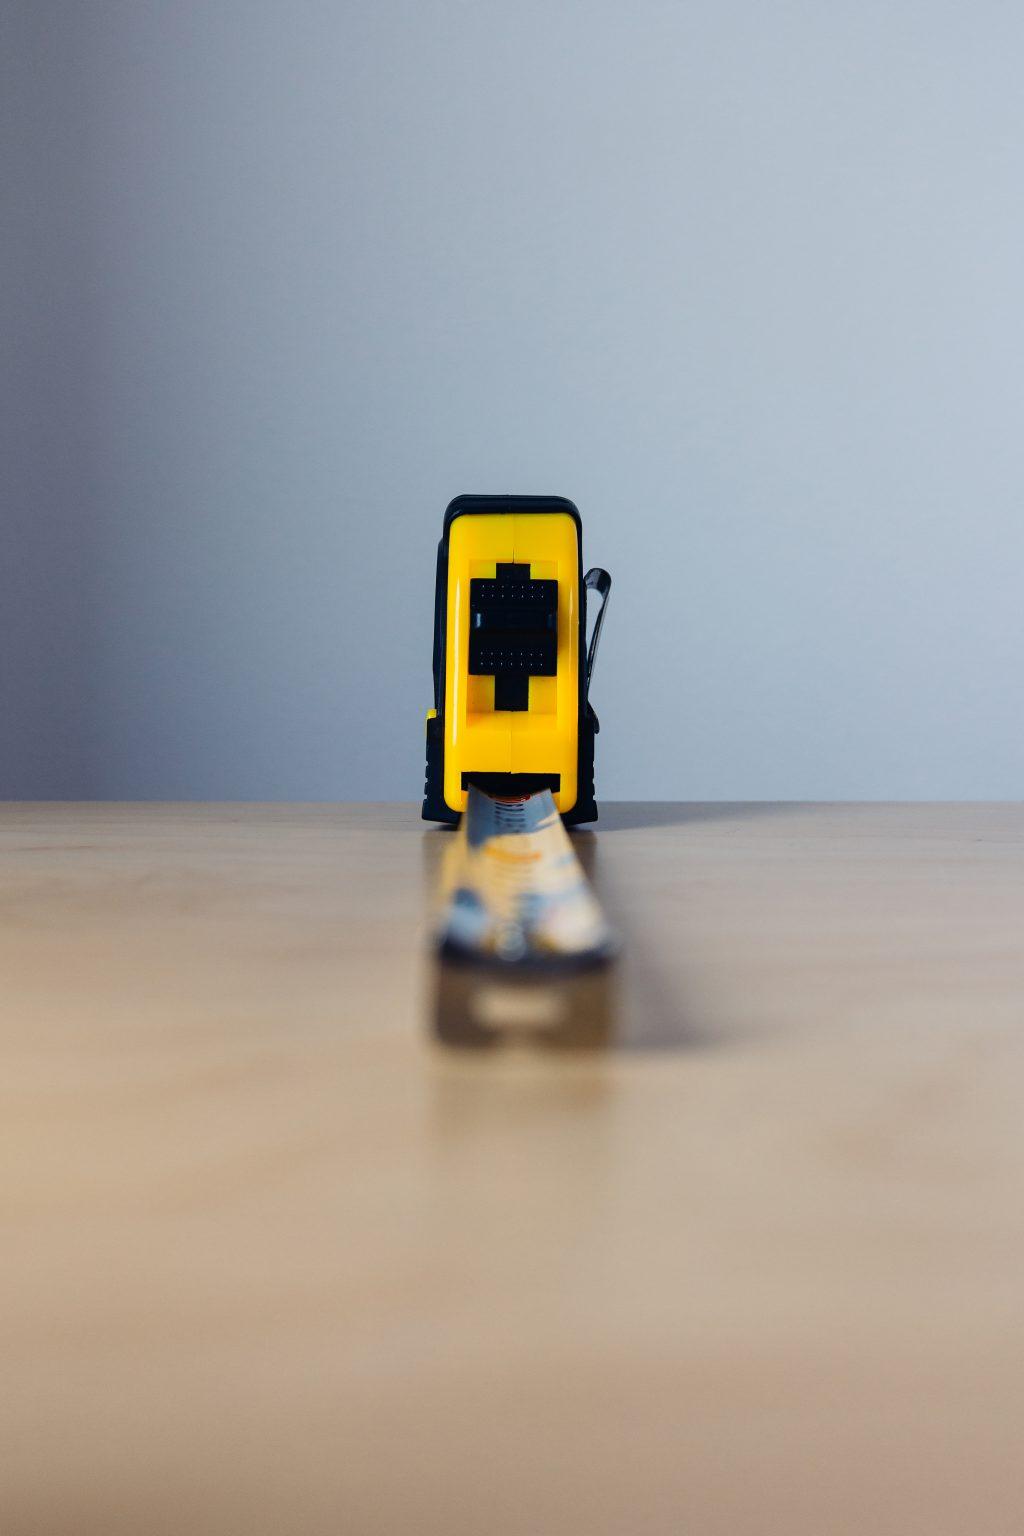 Metal tape measure tool 2 - free stock photo